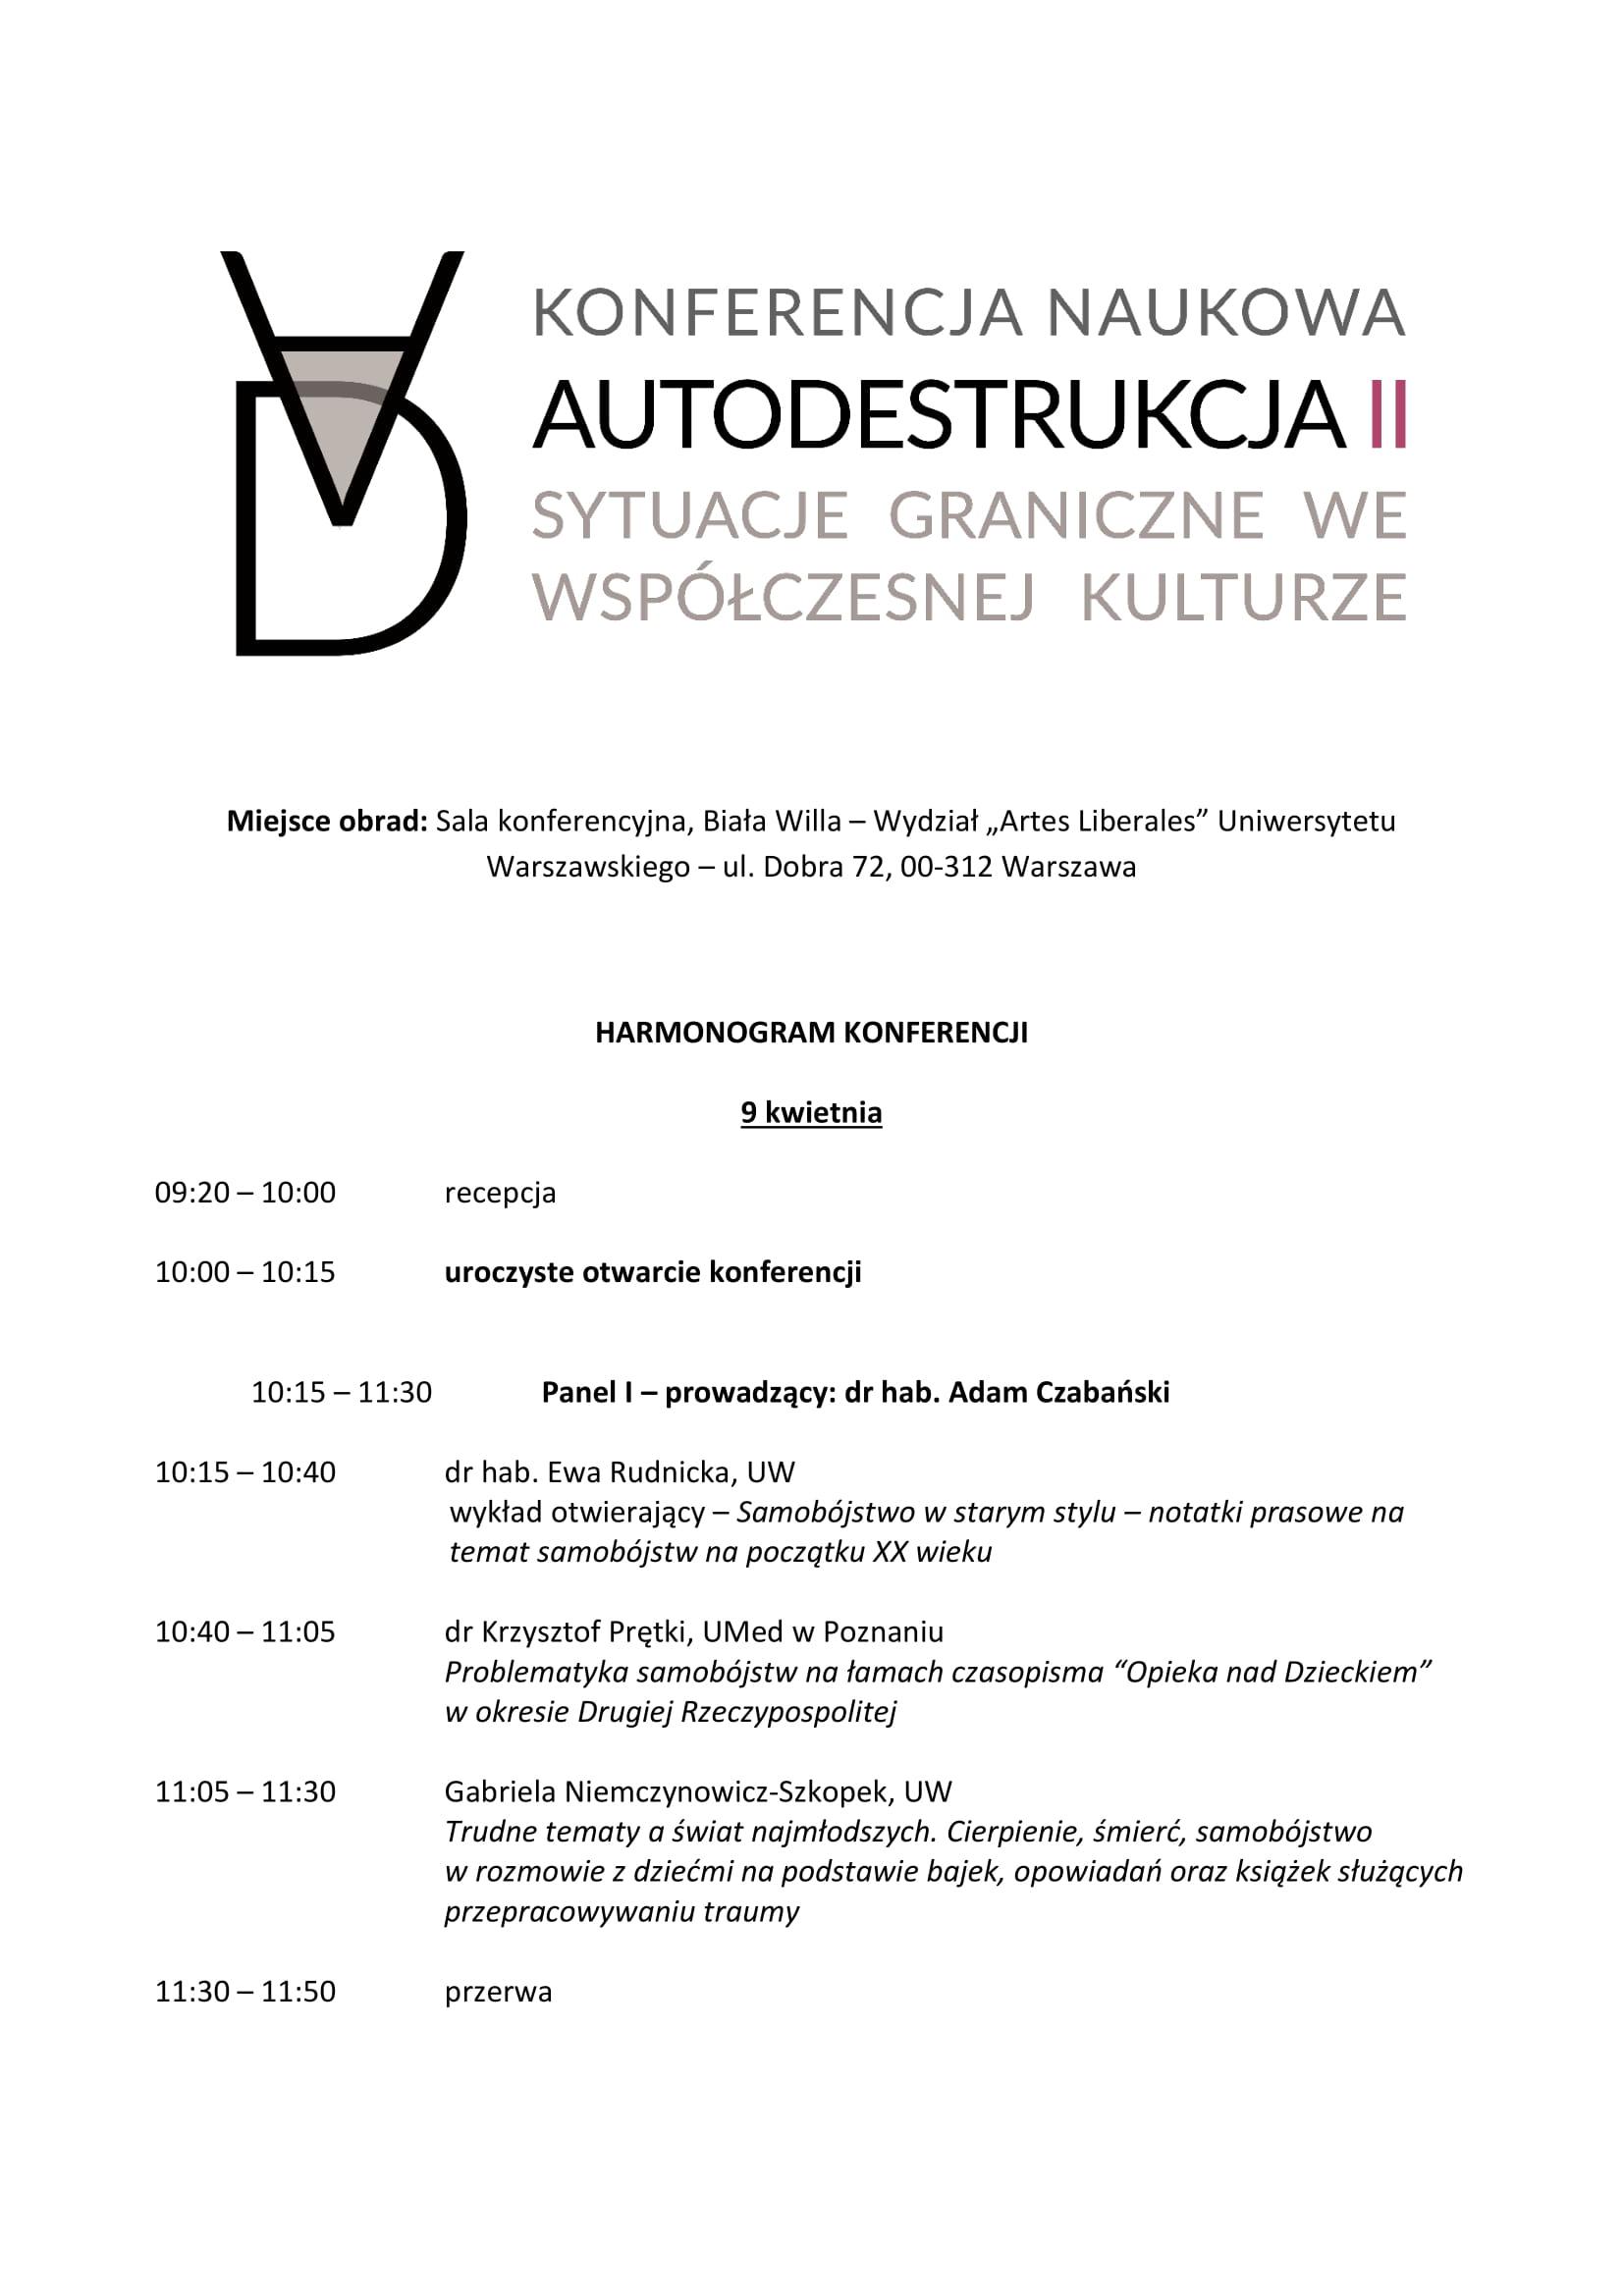 Harmonogram konferencji 'Autodestrukcja II. Sytuacje graniczne we współczesnej kulturze' - 9-10.04.19-1